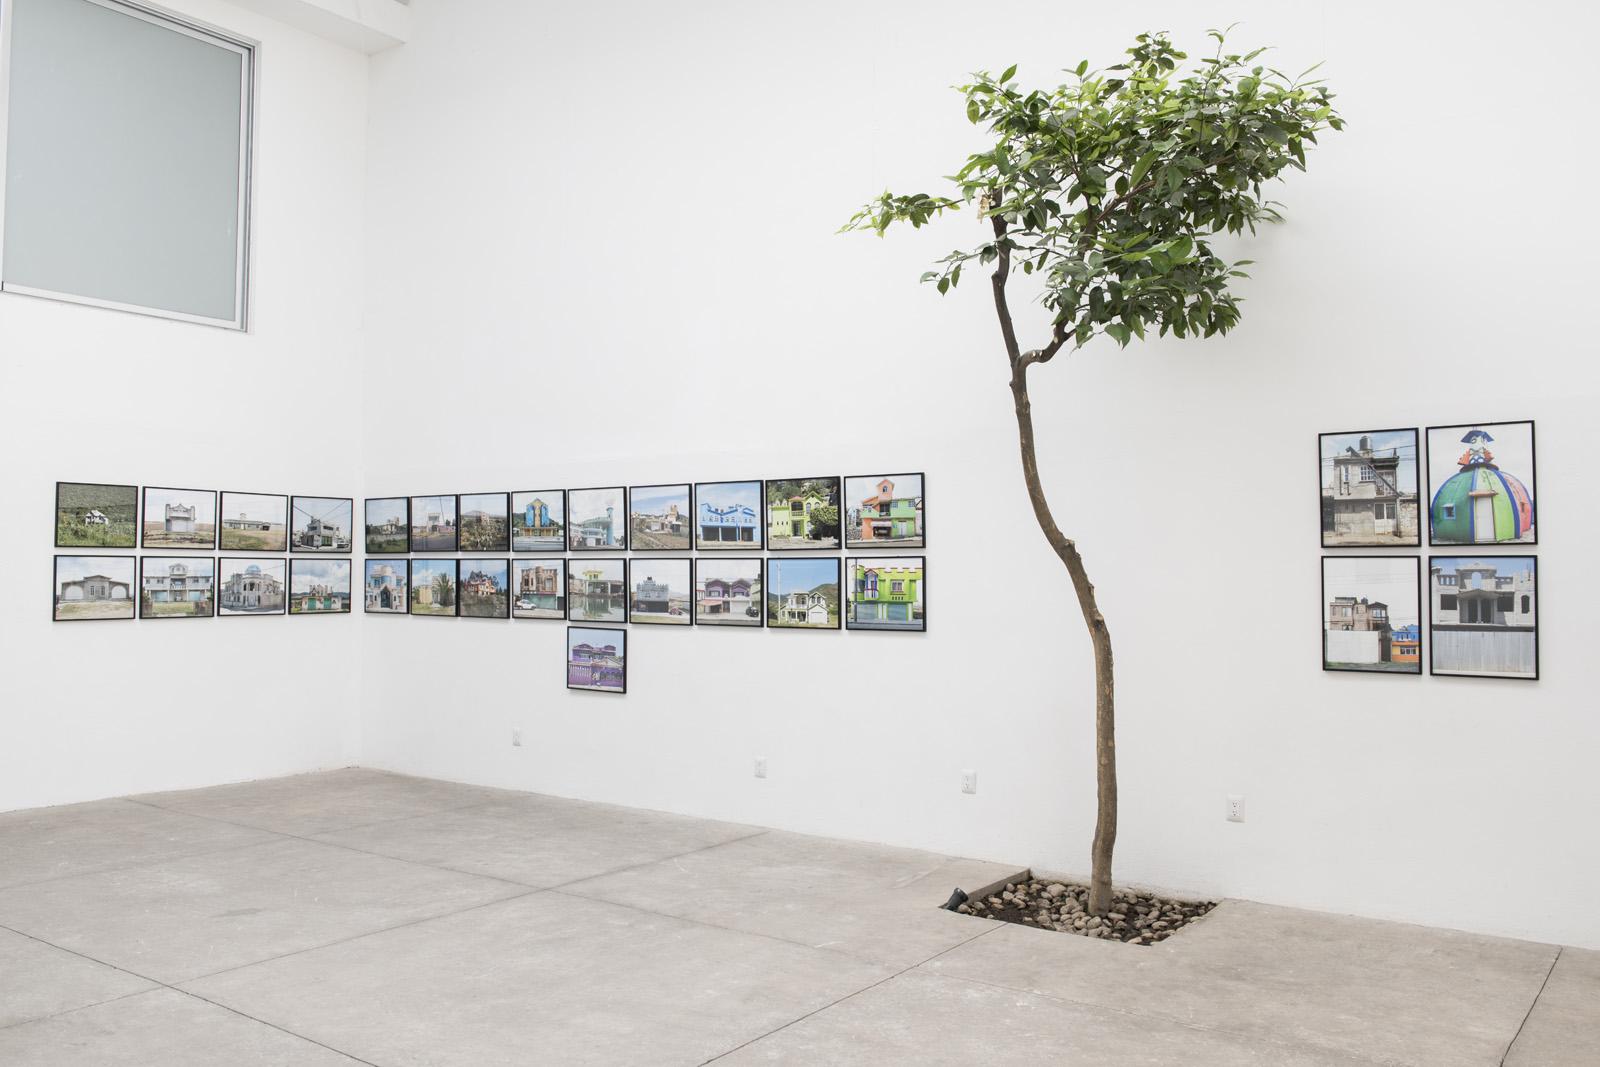 Arquitectura Libre at Adam Wisemans exhibition {quote}Lo que sucede{quote} at the Patricia Conde Gallery in San Miguel Chapultepec, Mexico